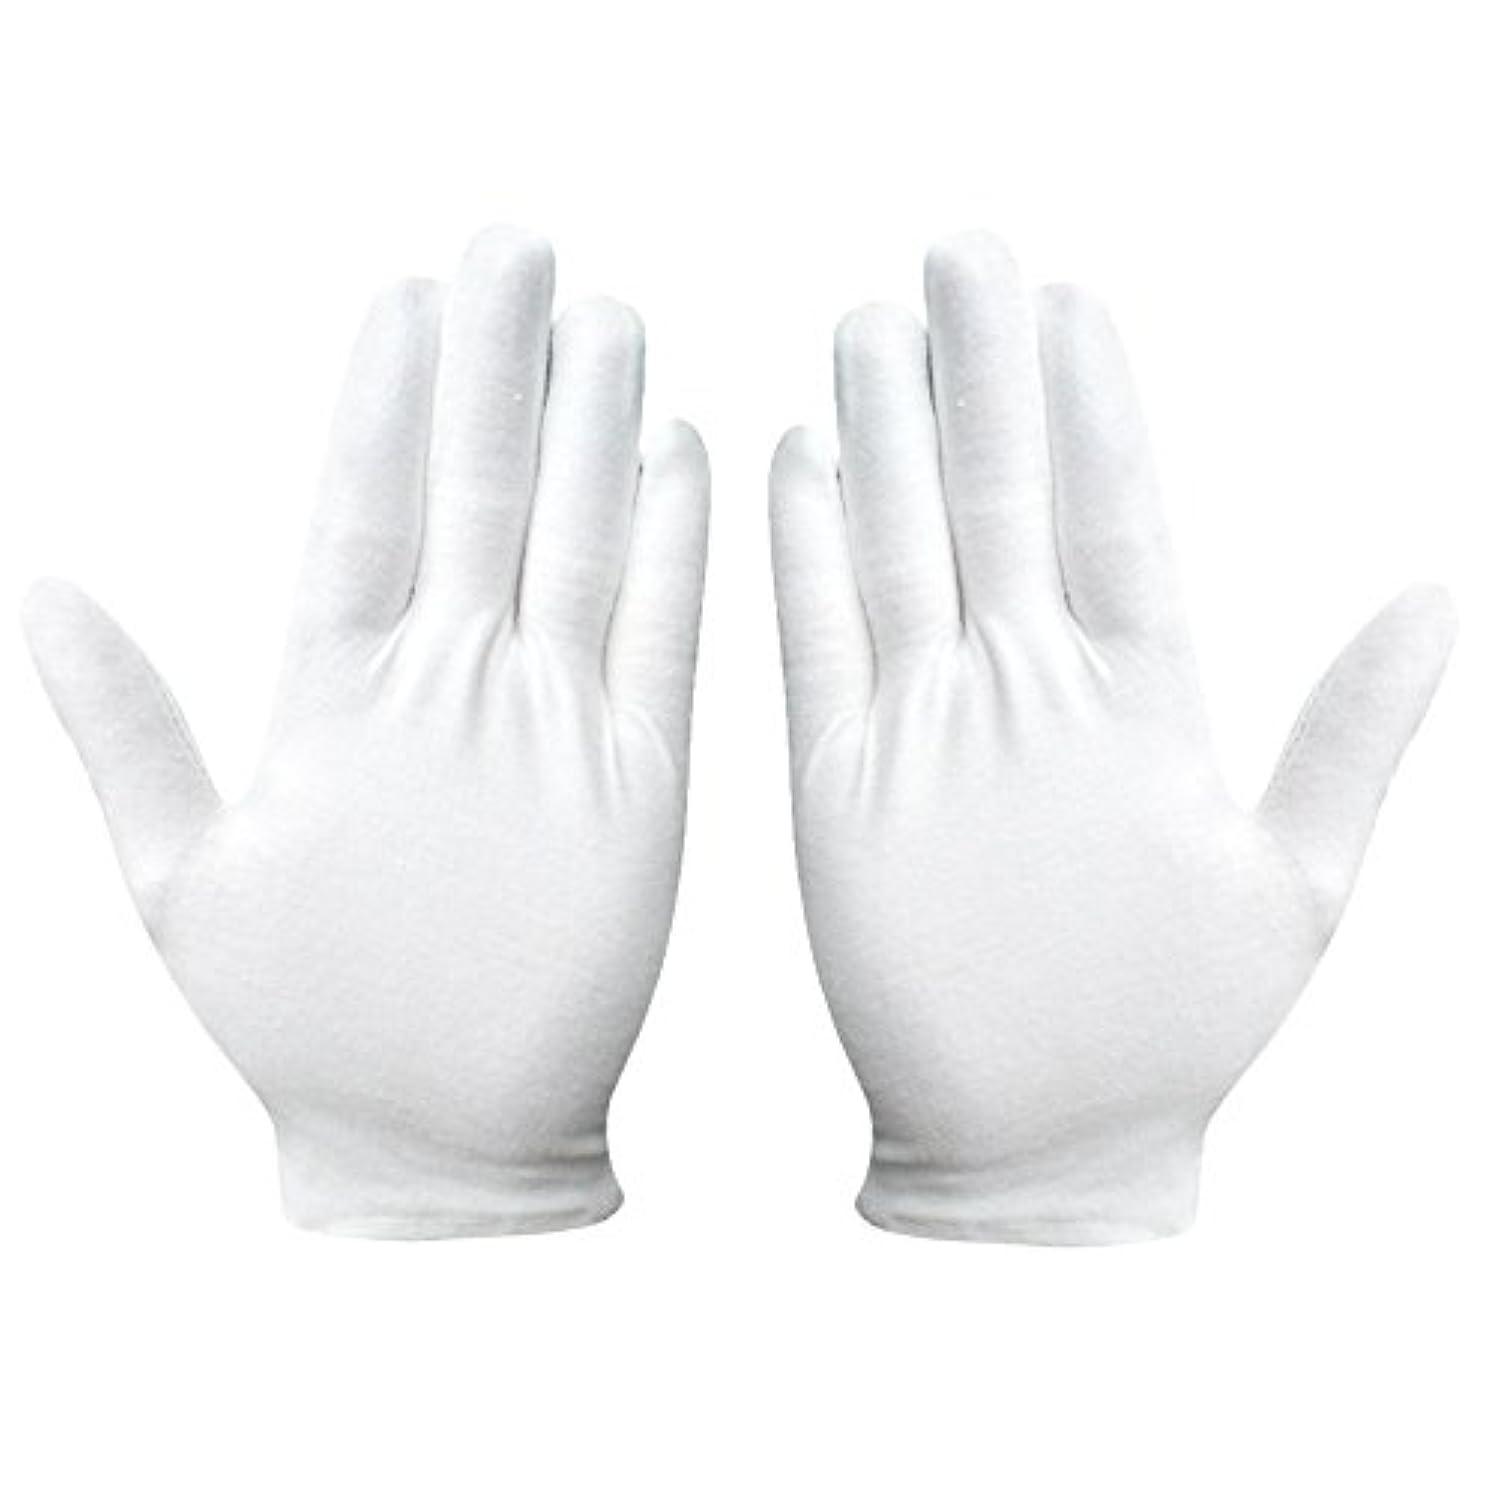 年金寮どこにも綿手袋 純綿 コットン手袋 白手袋 薄手 通気性 手荒れ予防 【湿疹用 乾燥肌用 保湿用 礼装用】12双組